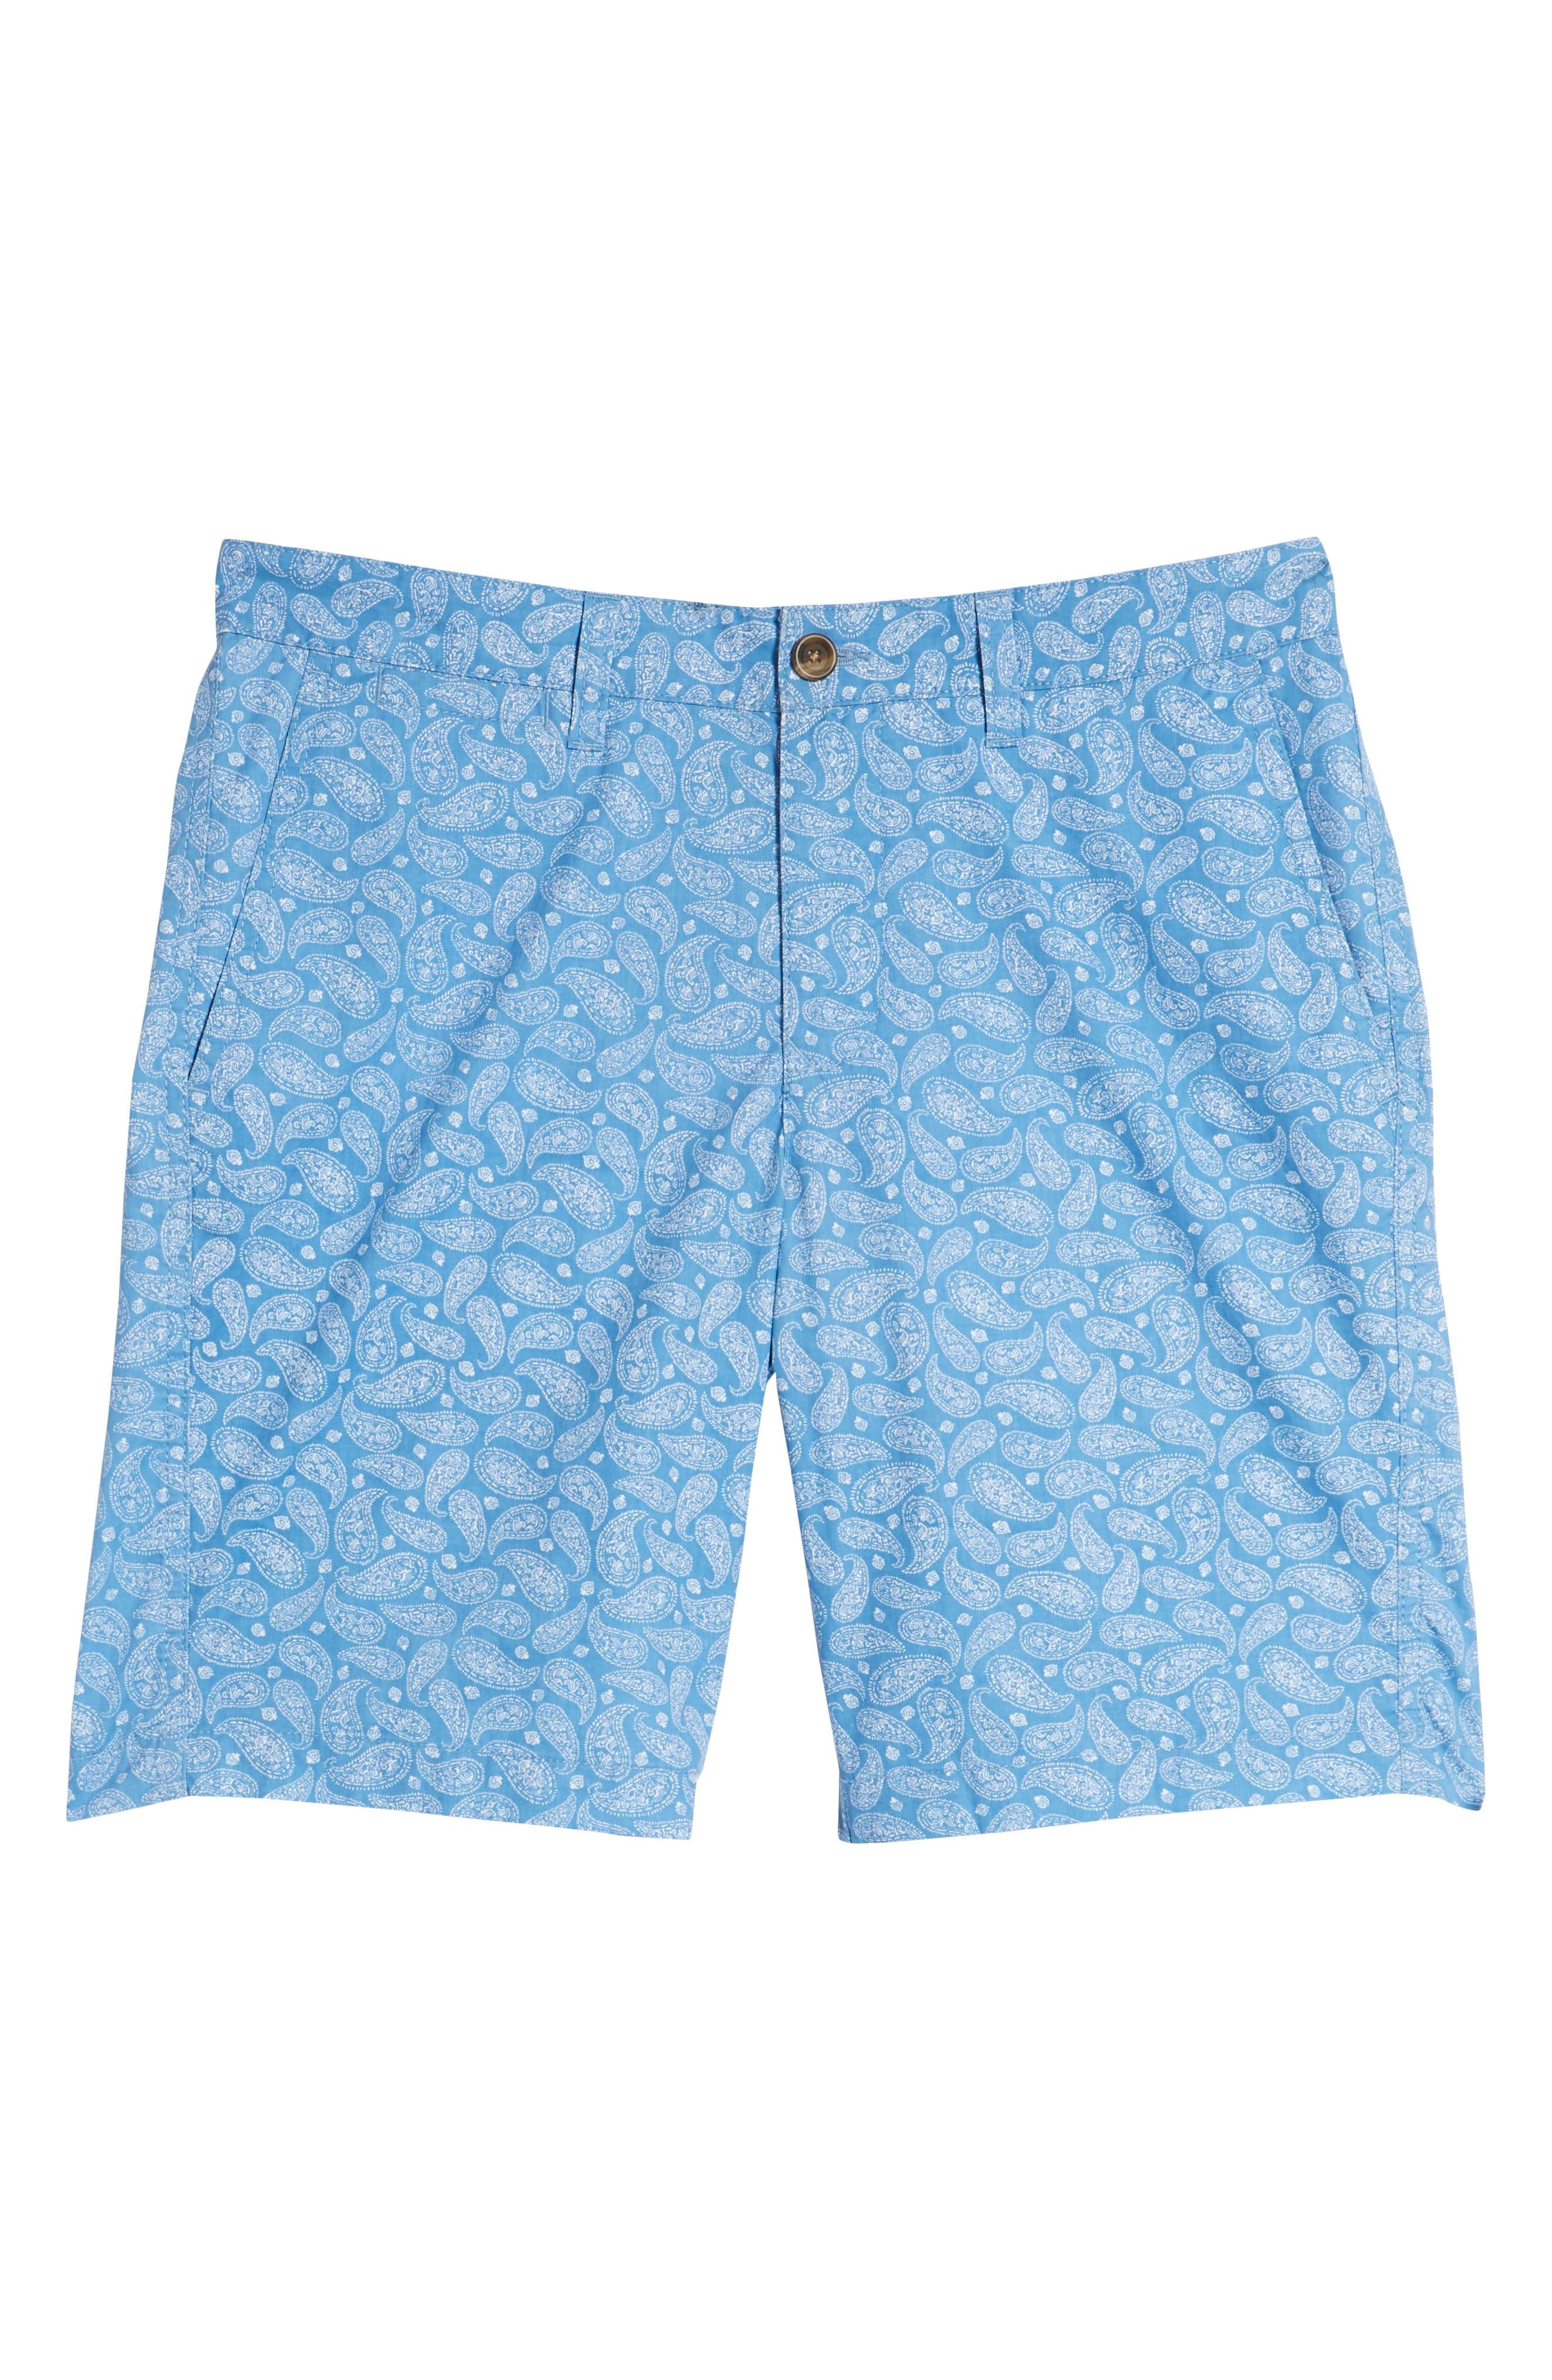 Bandana Paisley Print Shorts,                             Alternate thumbnail 6, color,                             Blue Lake Bandana Paisley